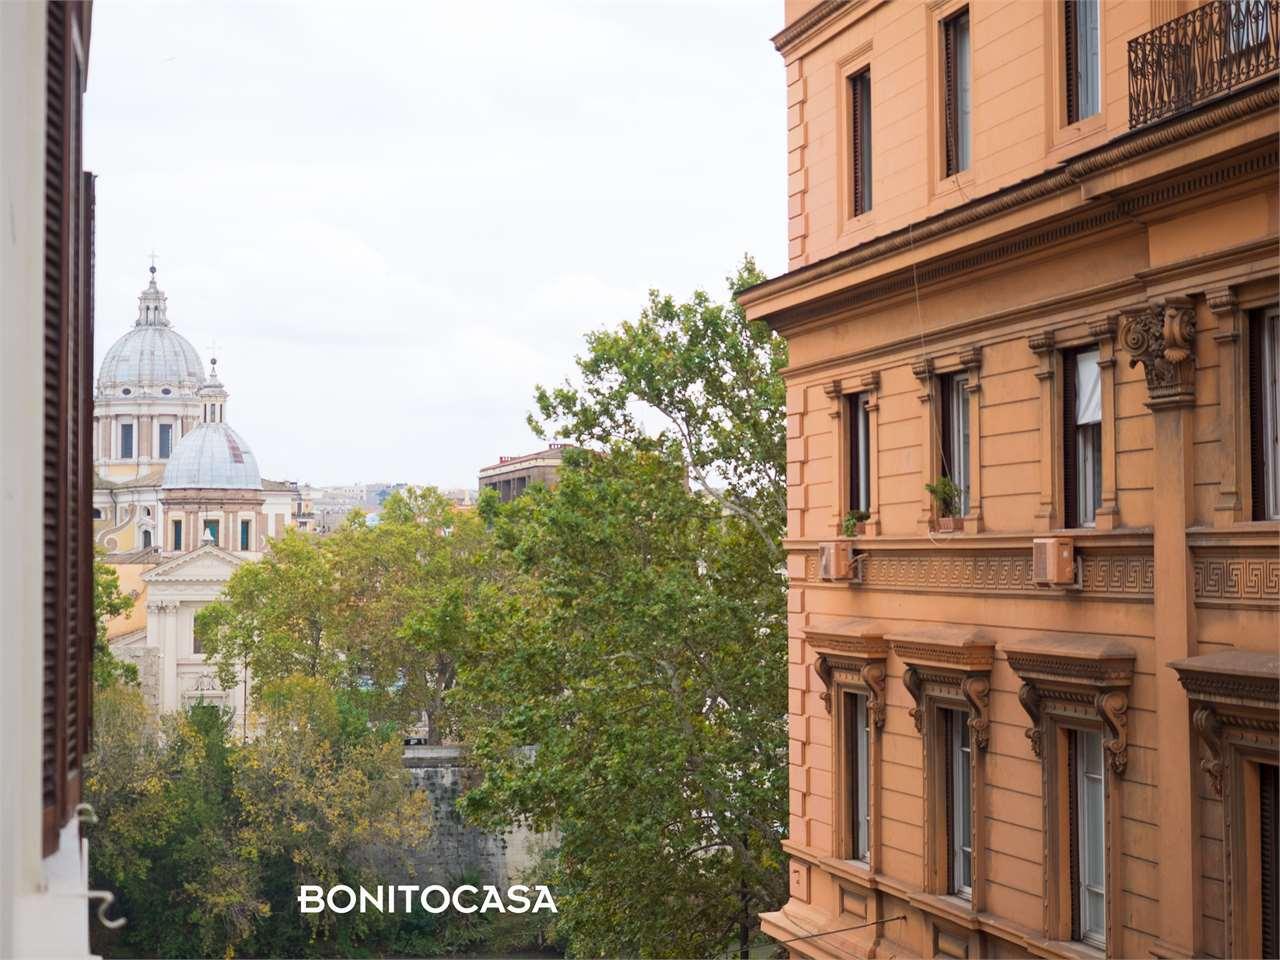 Ufficio in affitto a roma annunci ufficio roma for Affitto ufficio giornaliero roma